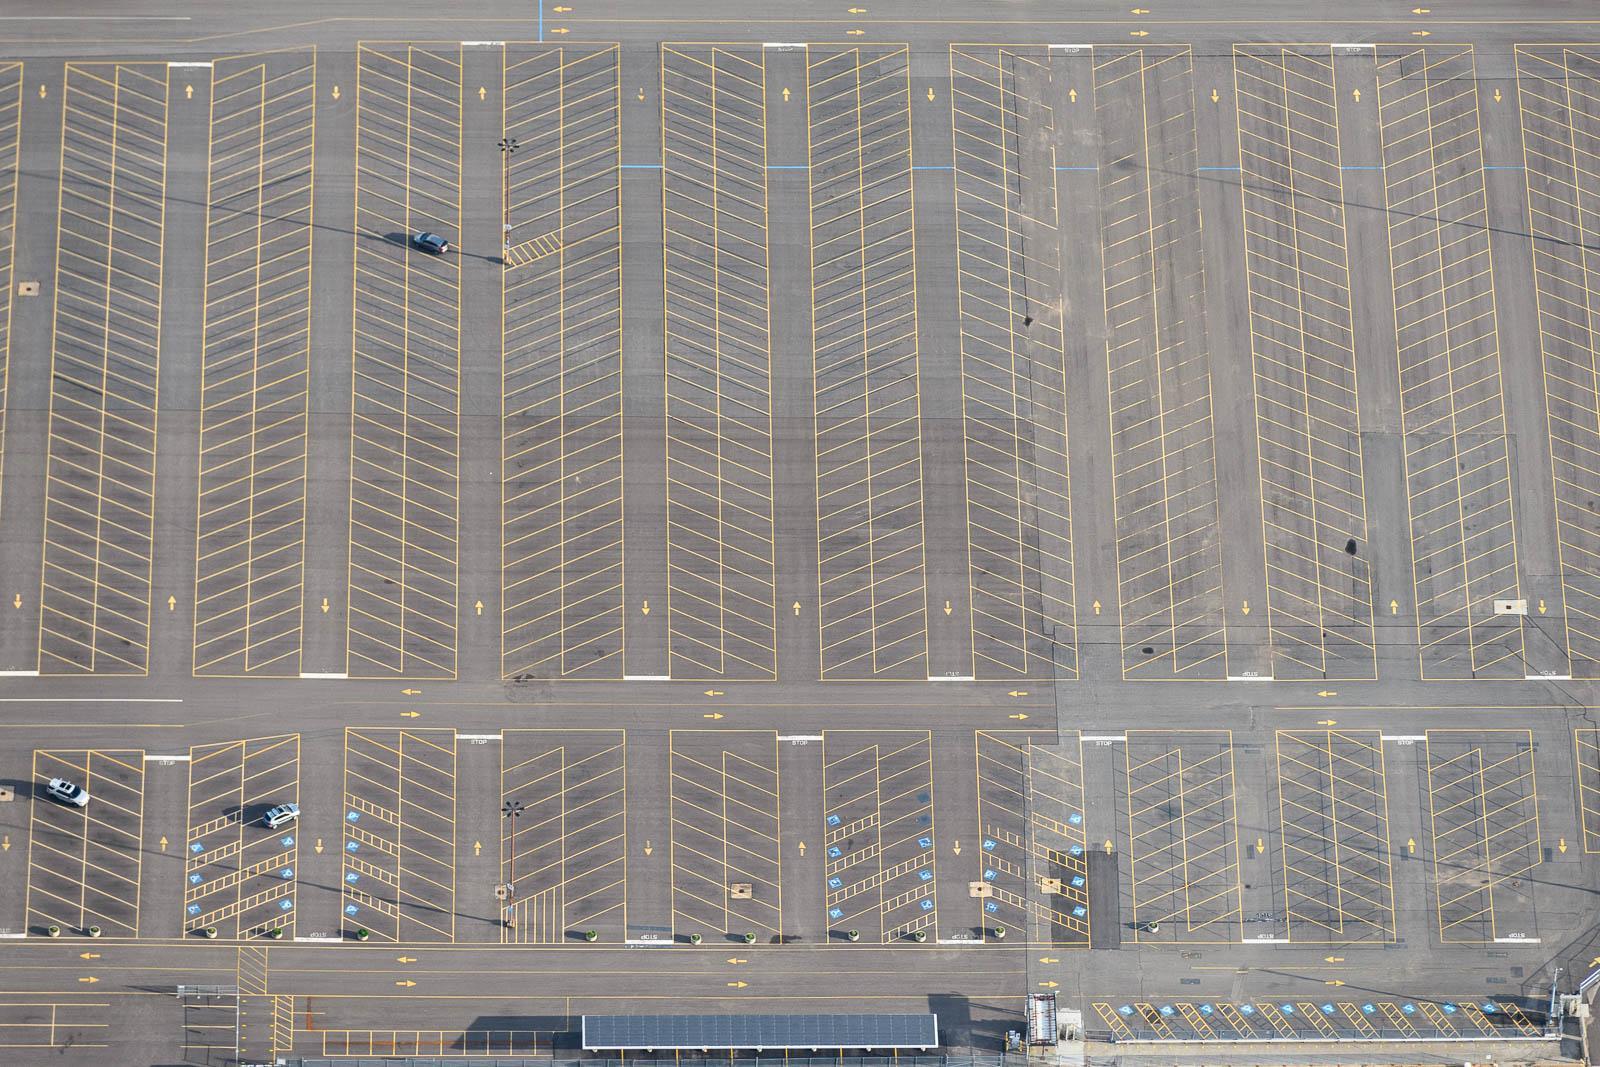 Empty parking lot near Sandusky, OH (May 28, 2020)